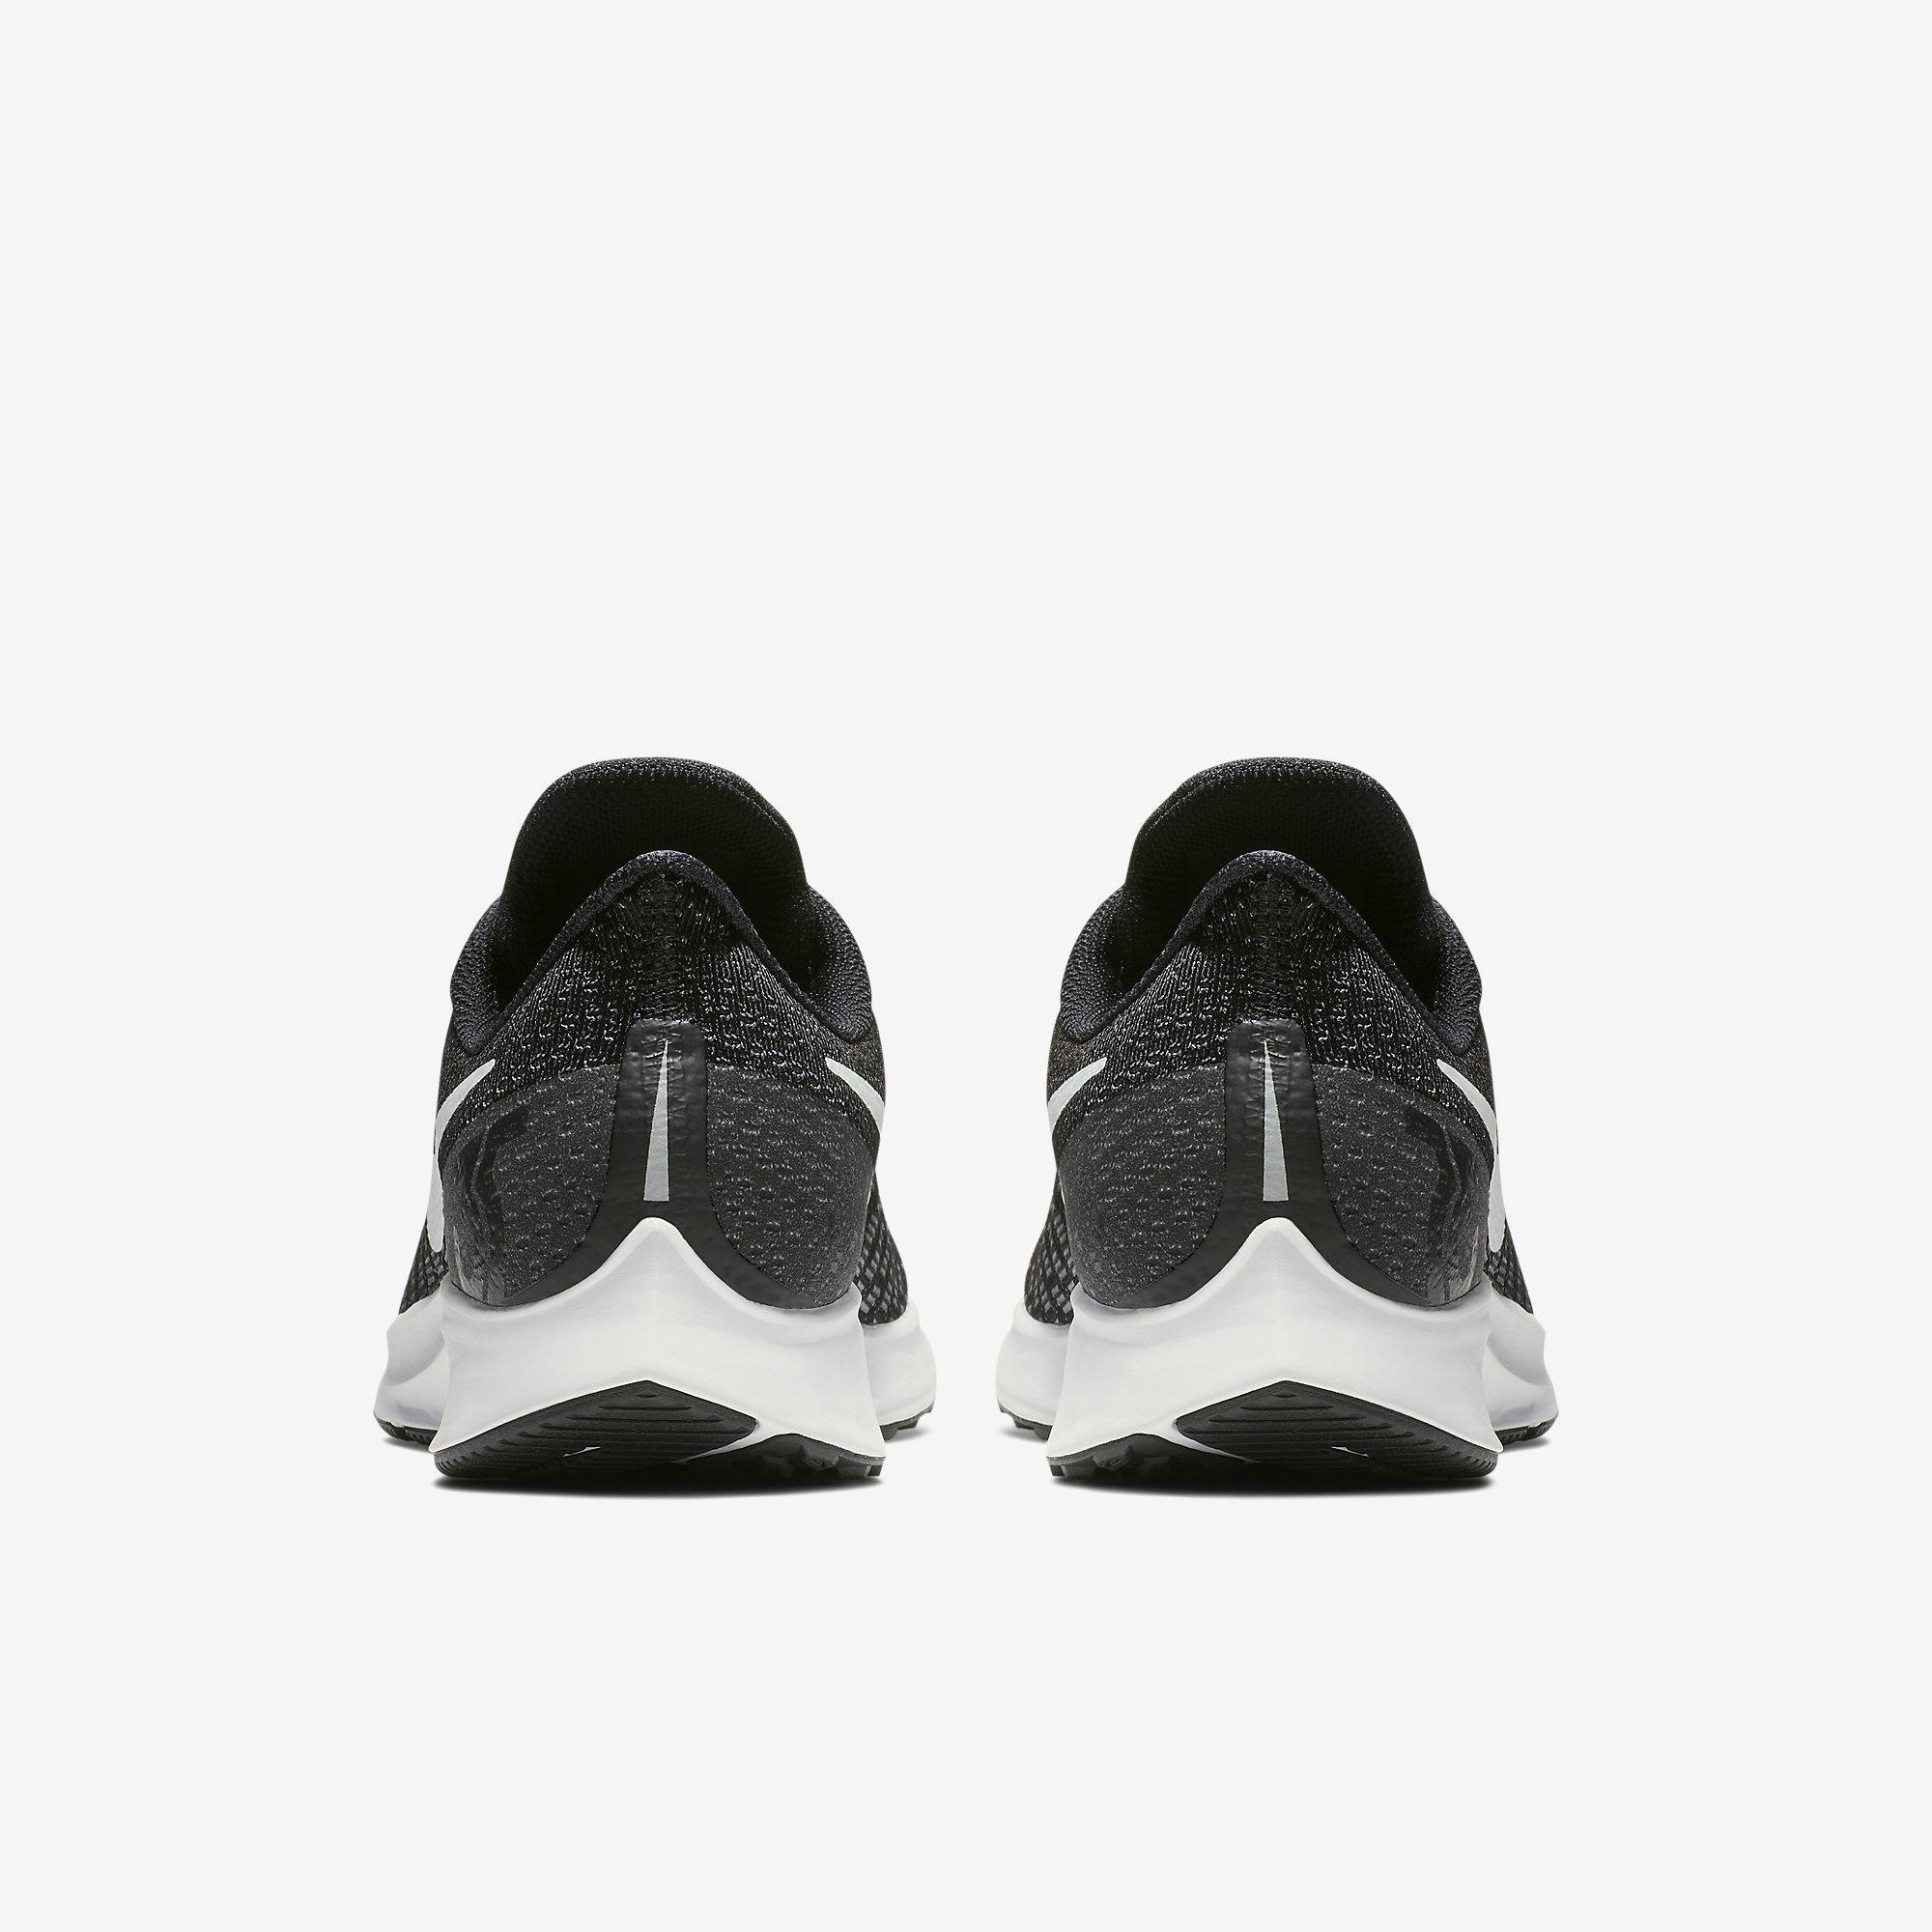 c2bc25c8d7720 Nike Mens Air Zoom Pegasus 35 Running Shoes - Black Gunsmoke Oil Grey